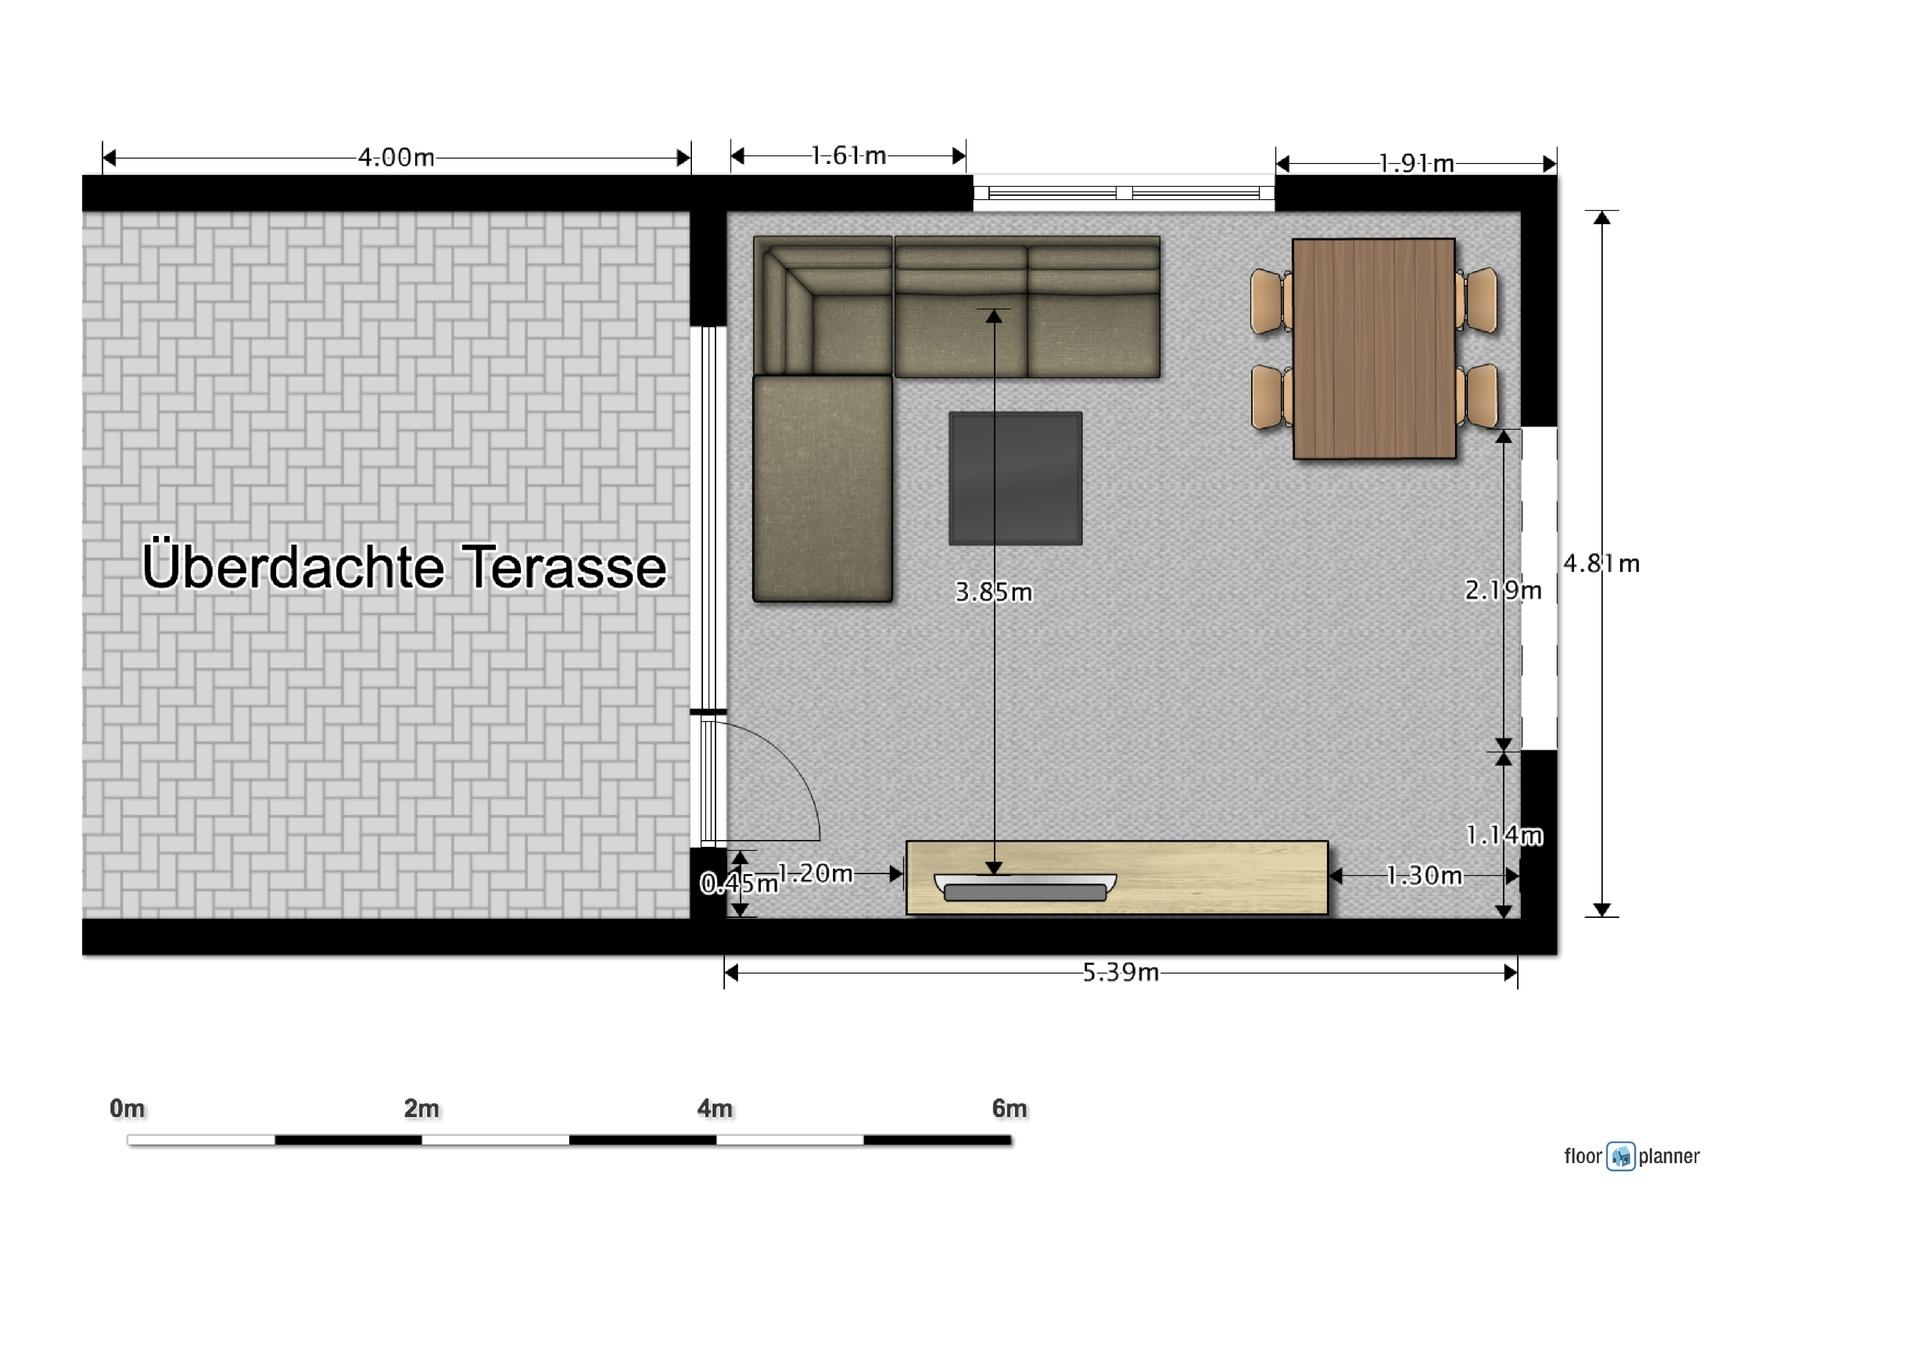 Grundriss Wohnzimmer und Terrasse | grundriss, terrasse, wohnzimmer ...